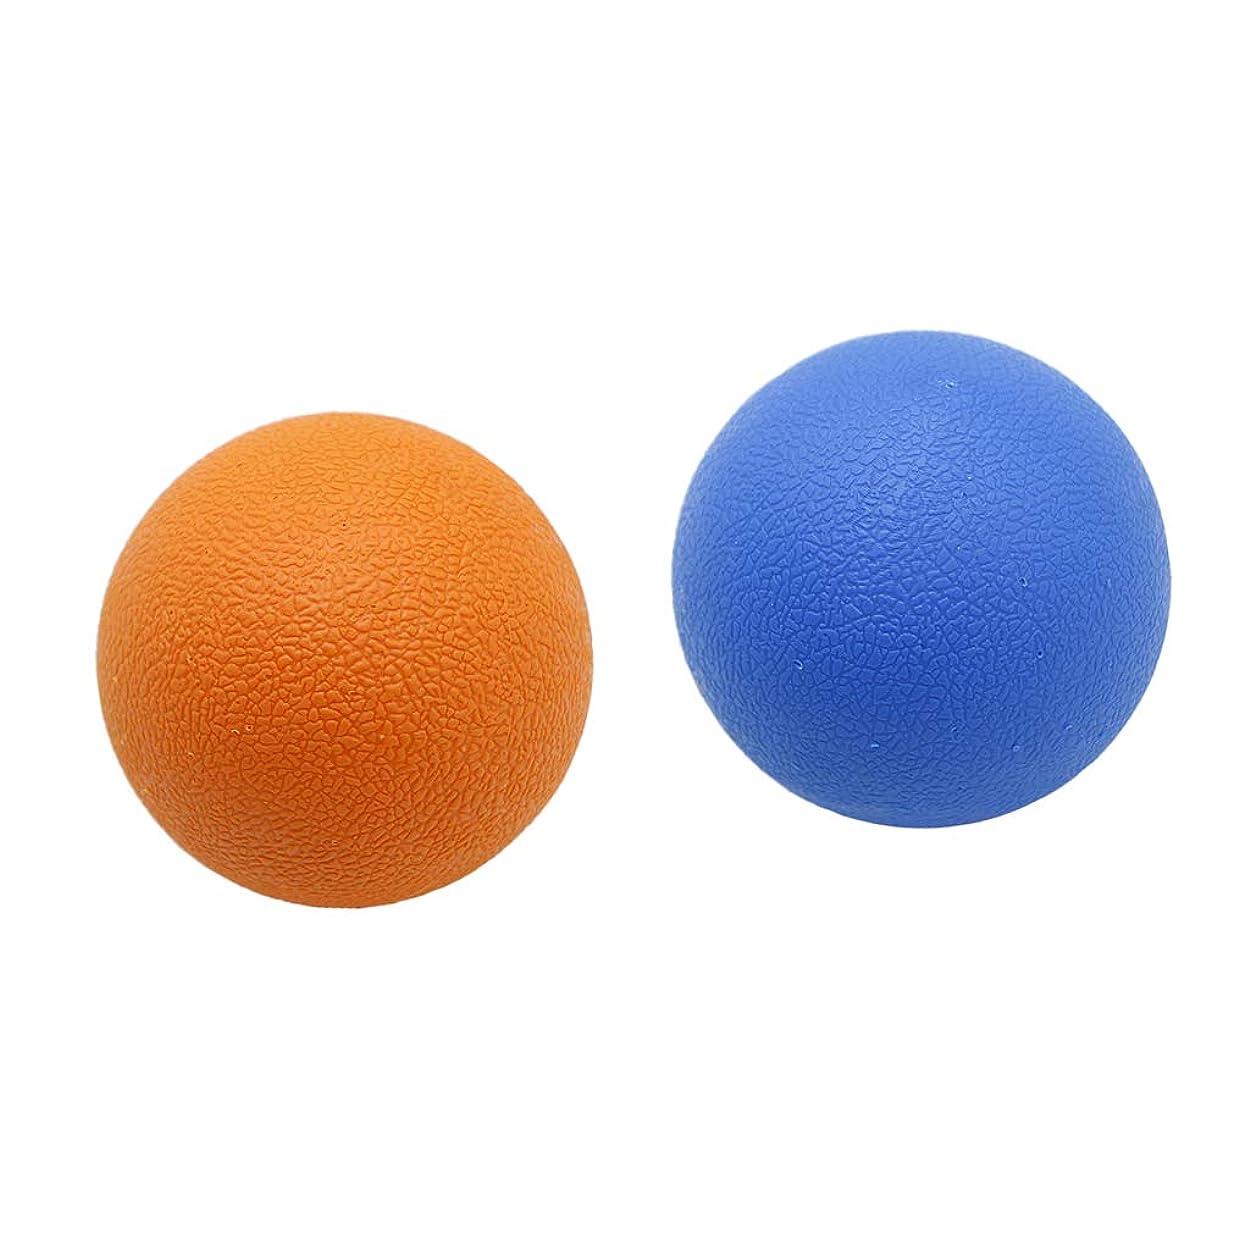 法廷船上回復するHellery 2個 マッサージボール ラクロスボール トリガーポイント 弾性TPE 健康グッズ オレンジブルー